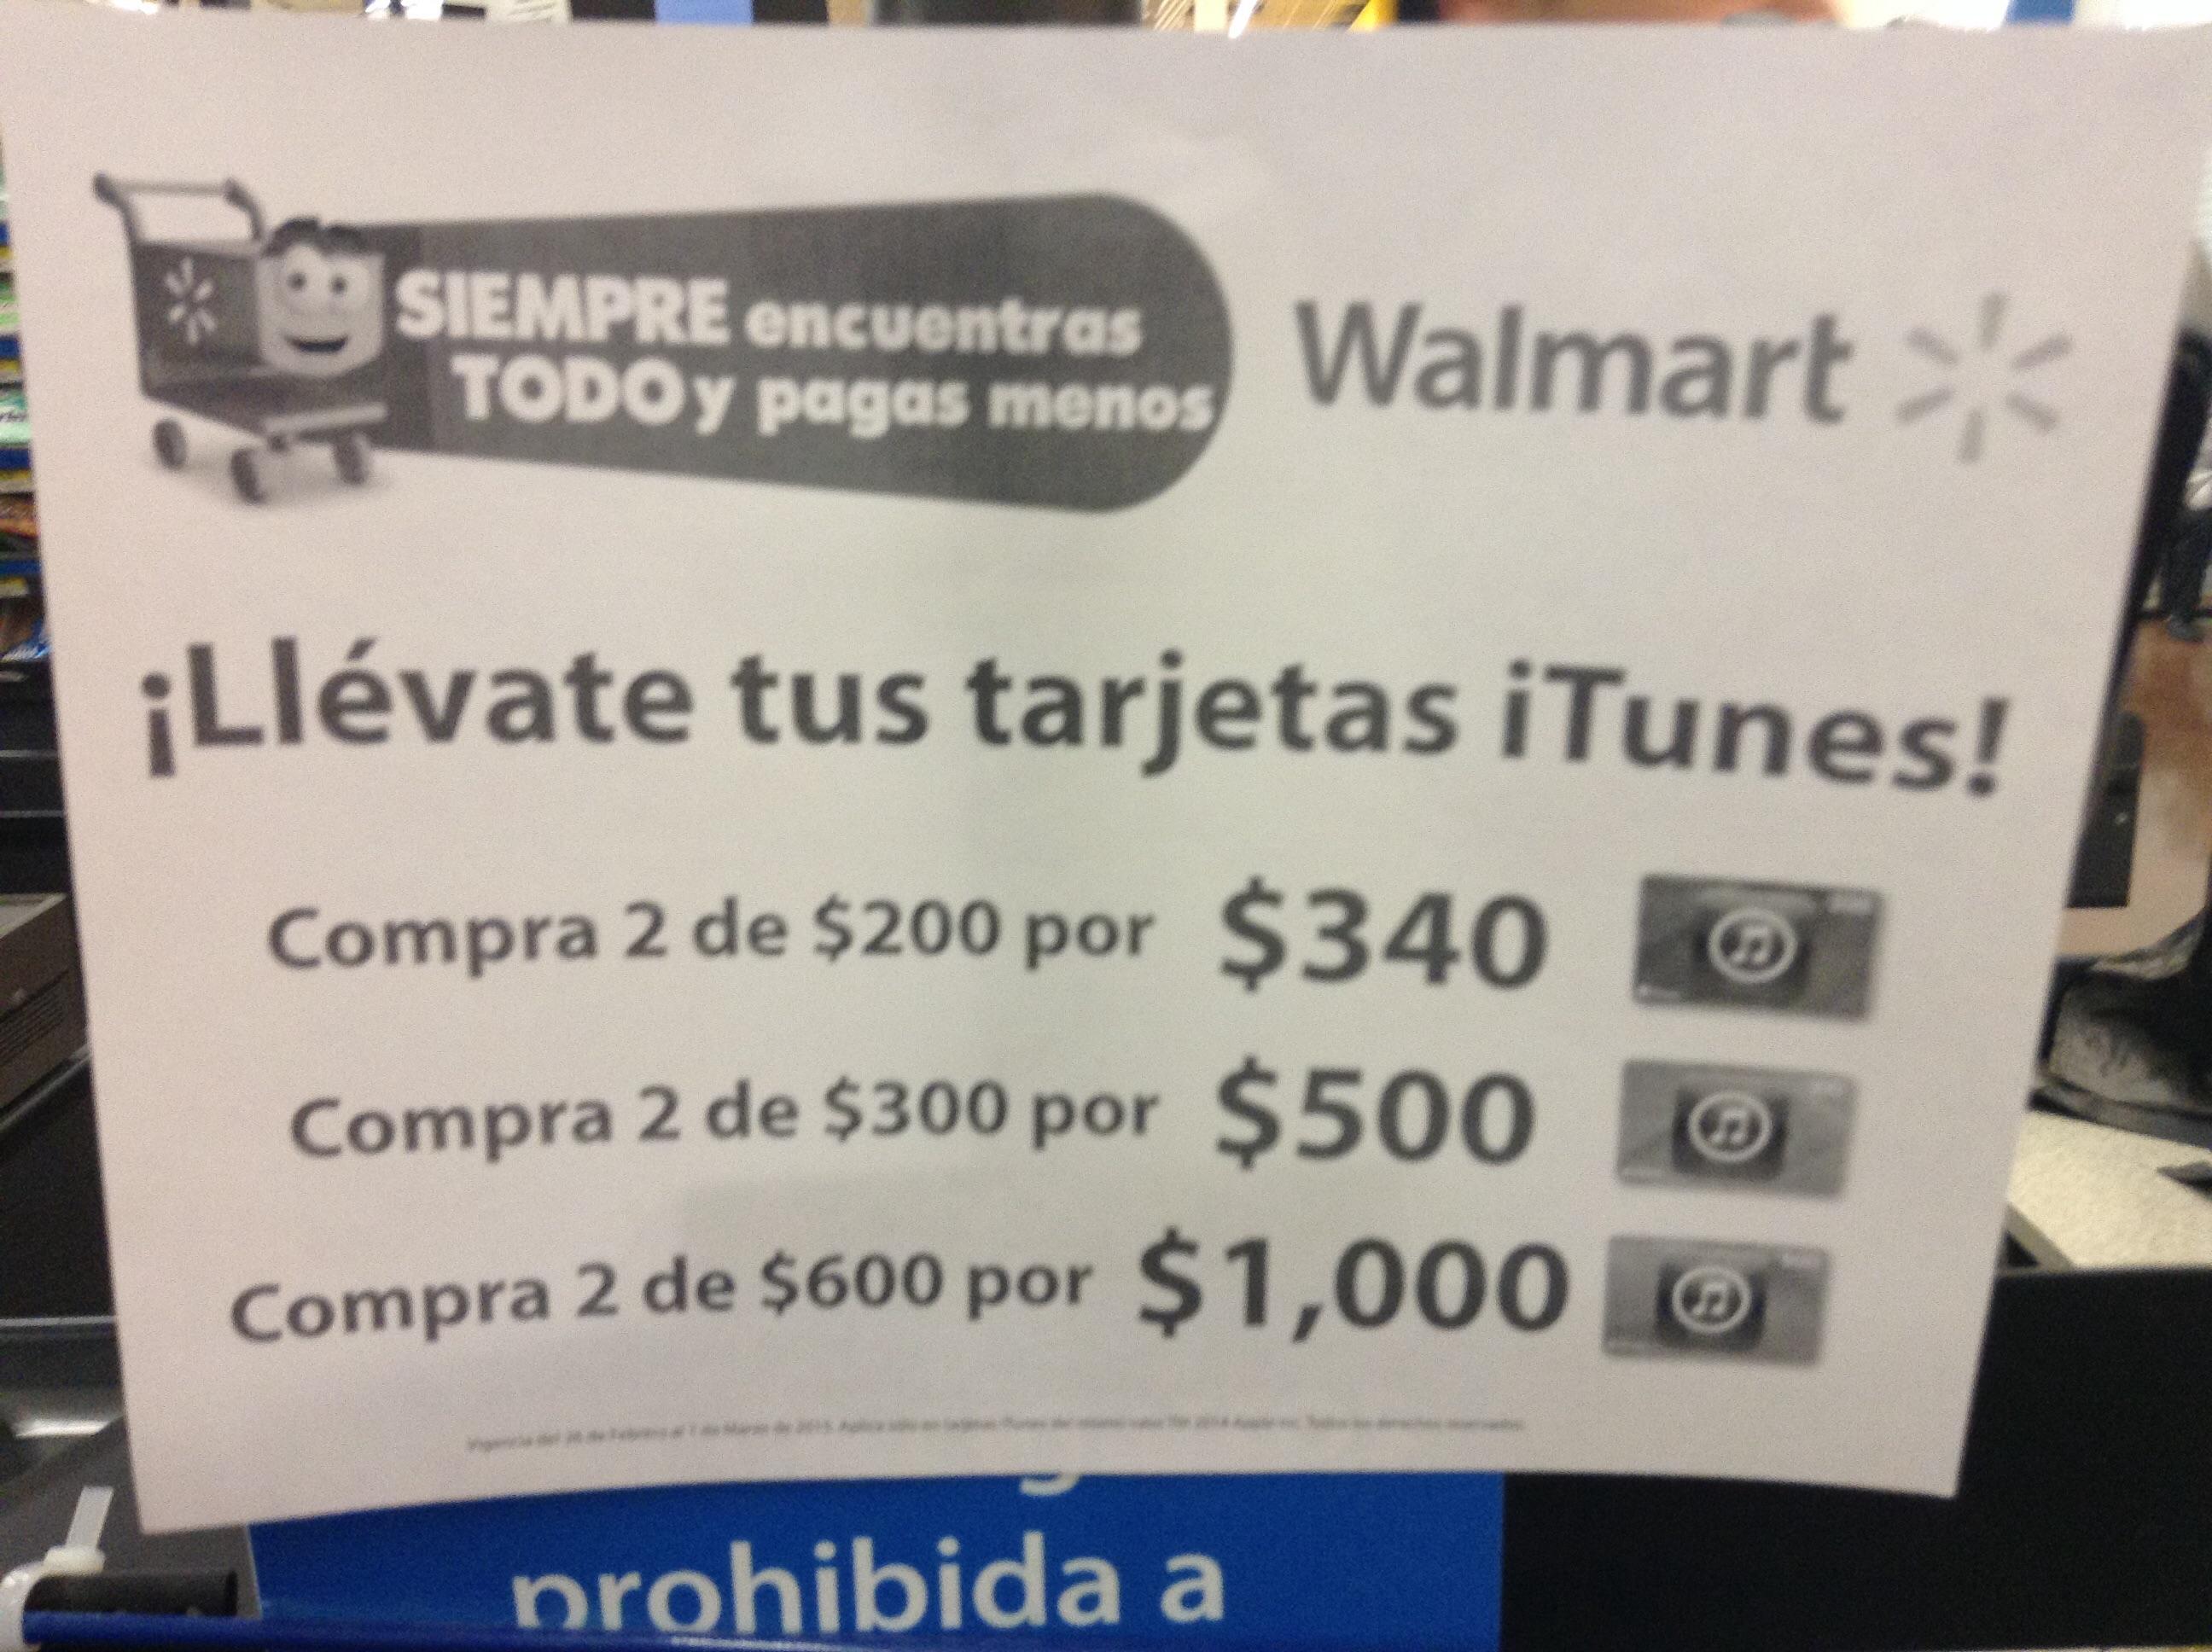 Walmart: Promoción en tarjeta de iTunes